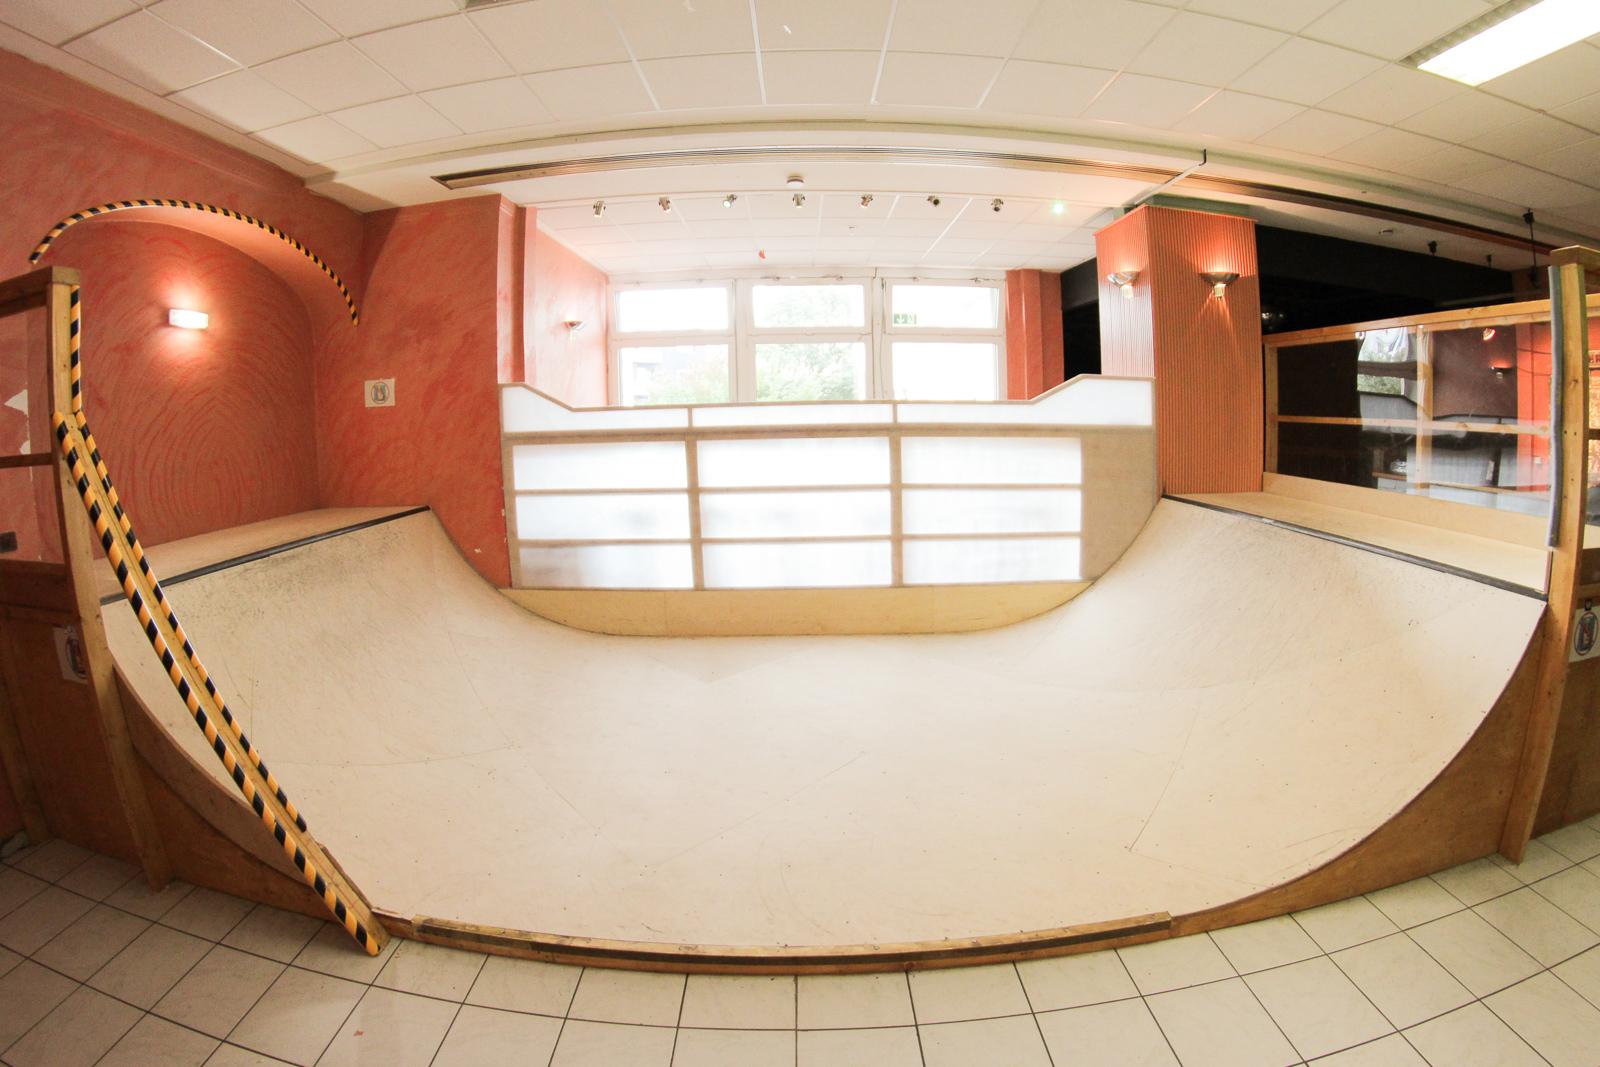 Miniramp Jugendzentrum Hattingen | DSGN CONCEPTS